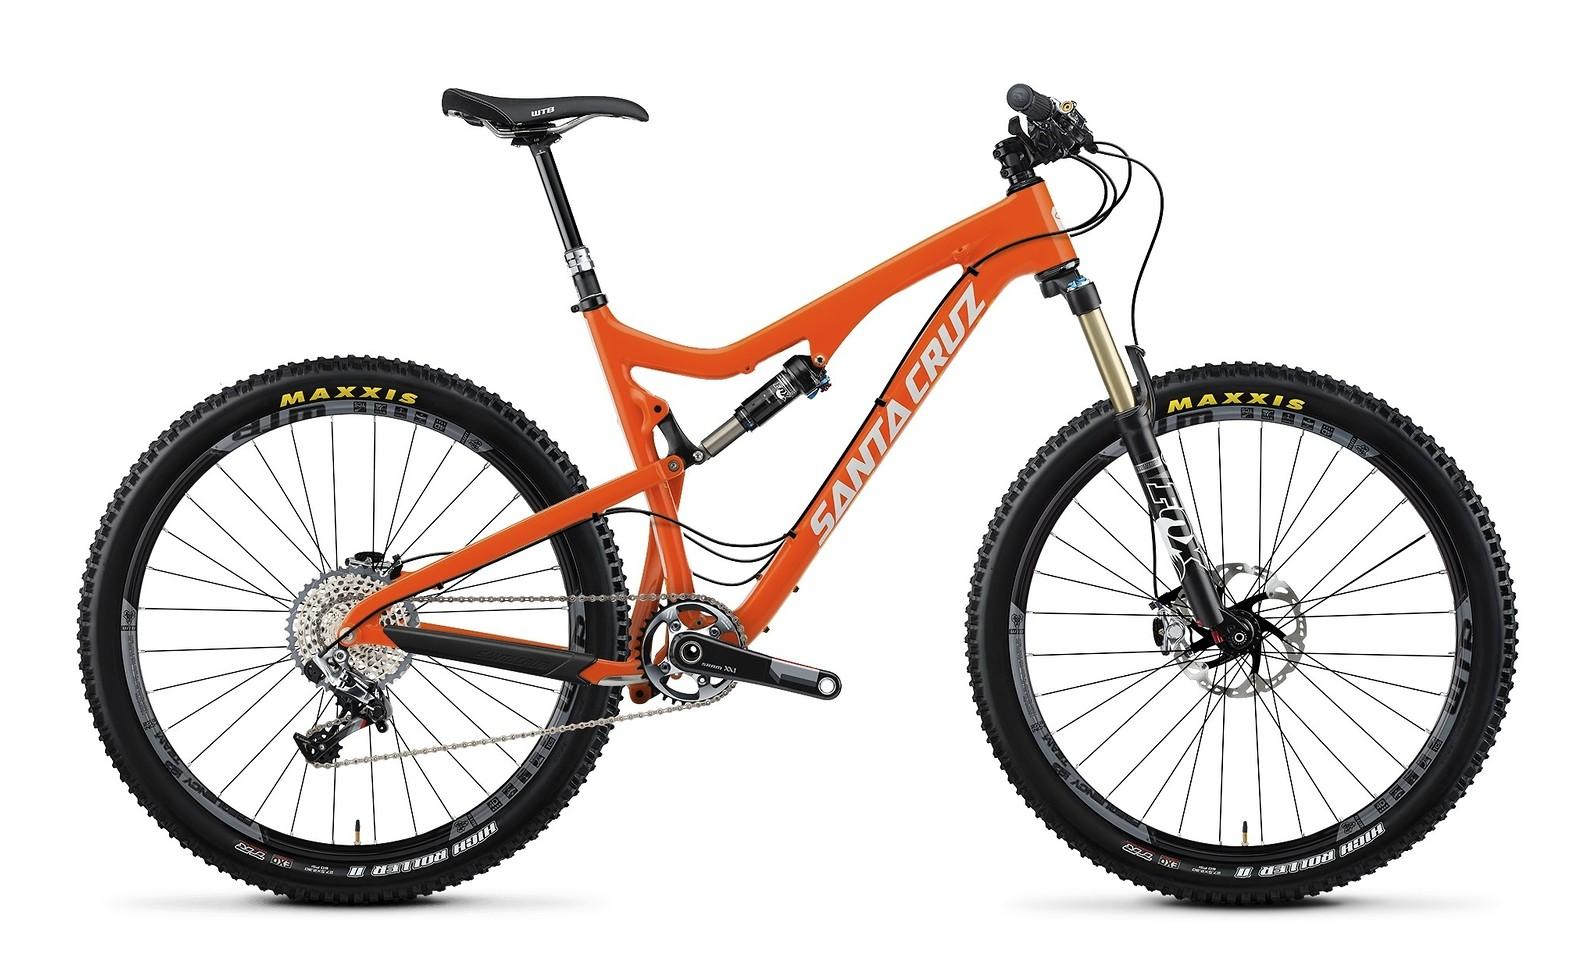 2014 Santa Cruz 5010 Carbon XX1 AM 27.5  2014 Santa Cruz 5010 Carbon XX1 AM 27.5 - orange